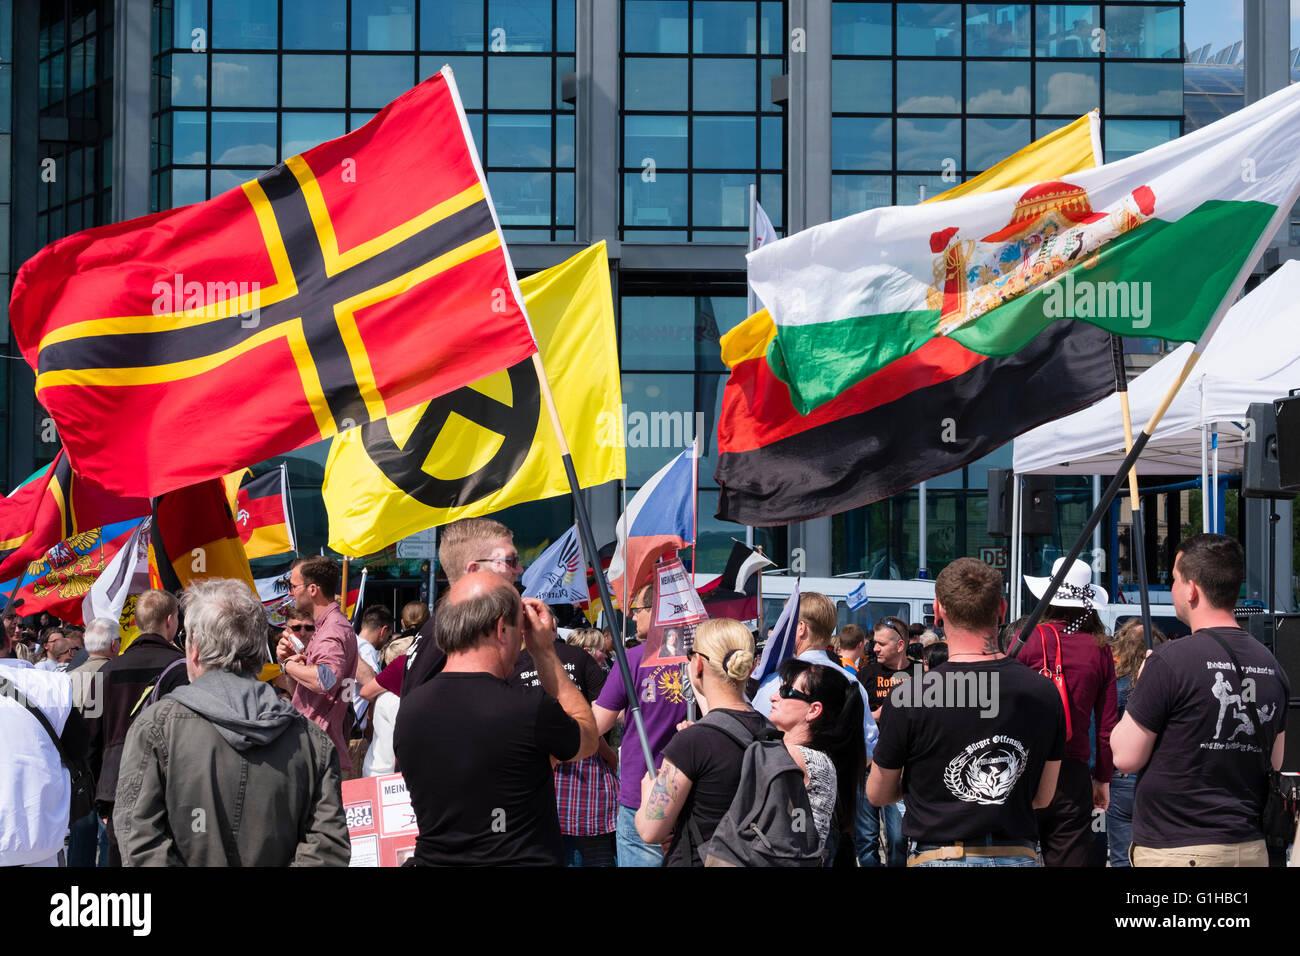 Rechtsextreme Demonstranten protestieren gegen den Islam, Flüchtlinge und Angela Merkel in Berlin Stockbild